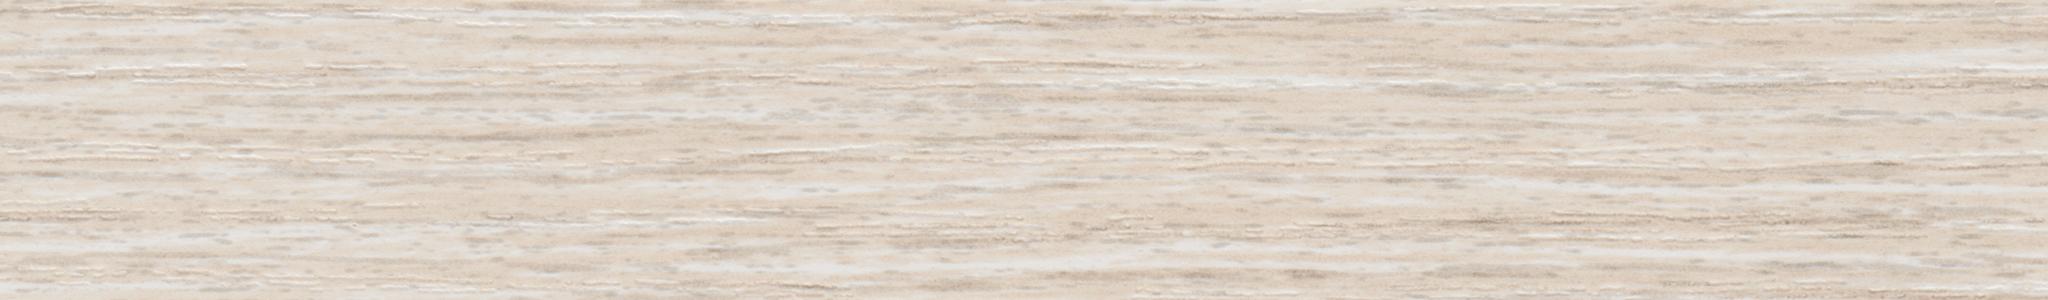 HD 245325 ABS Edge Alpin Snow Oak Pore